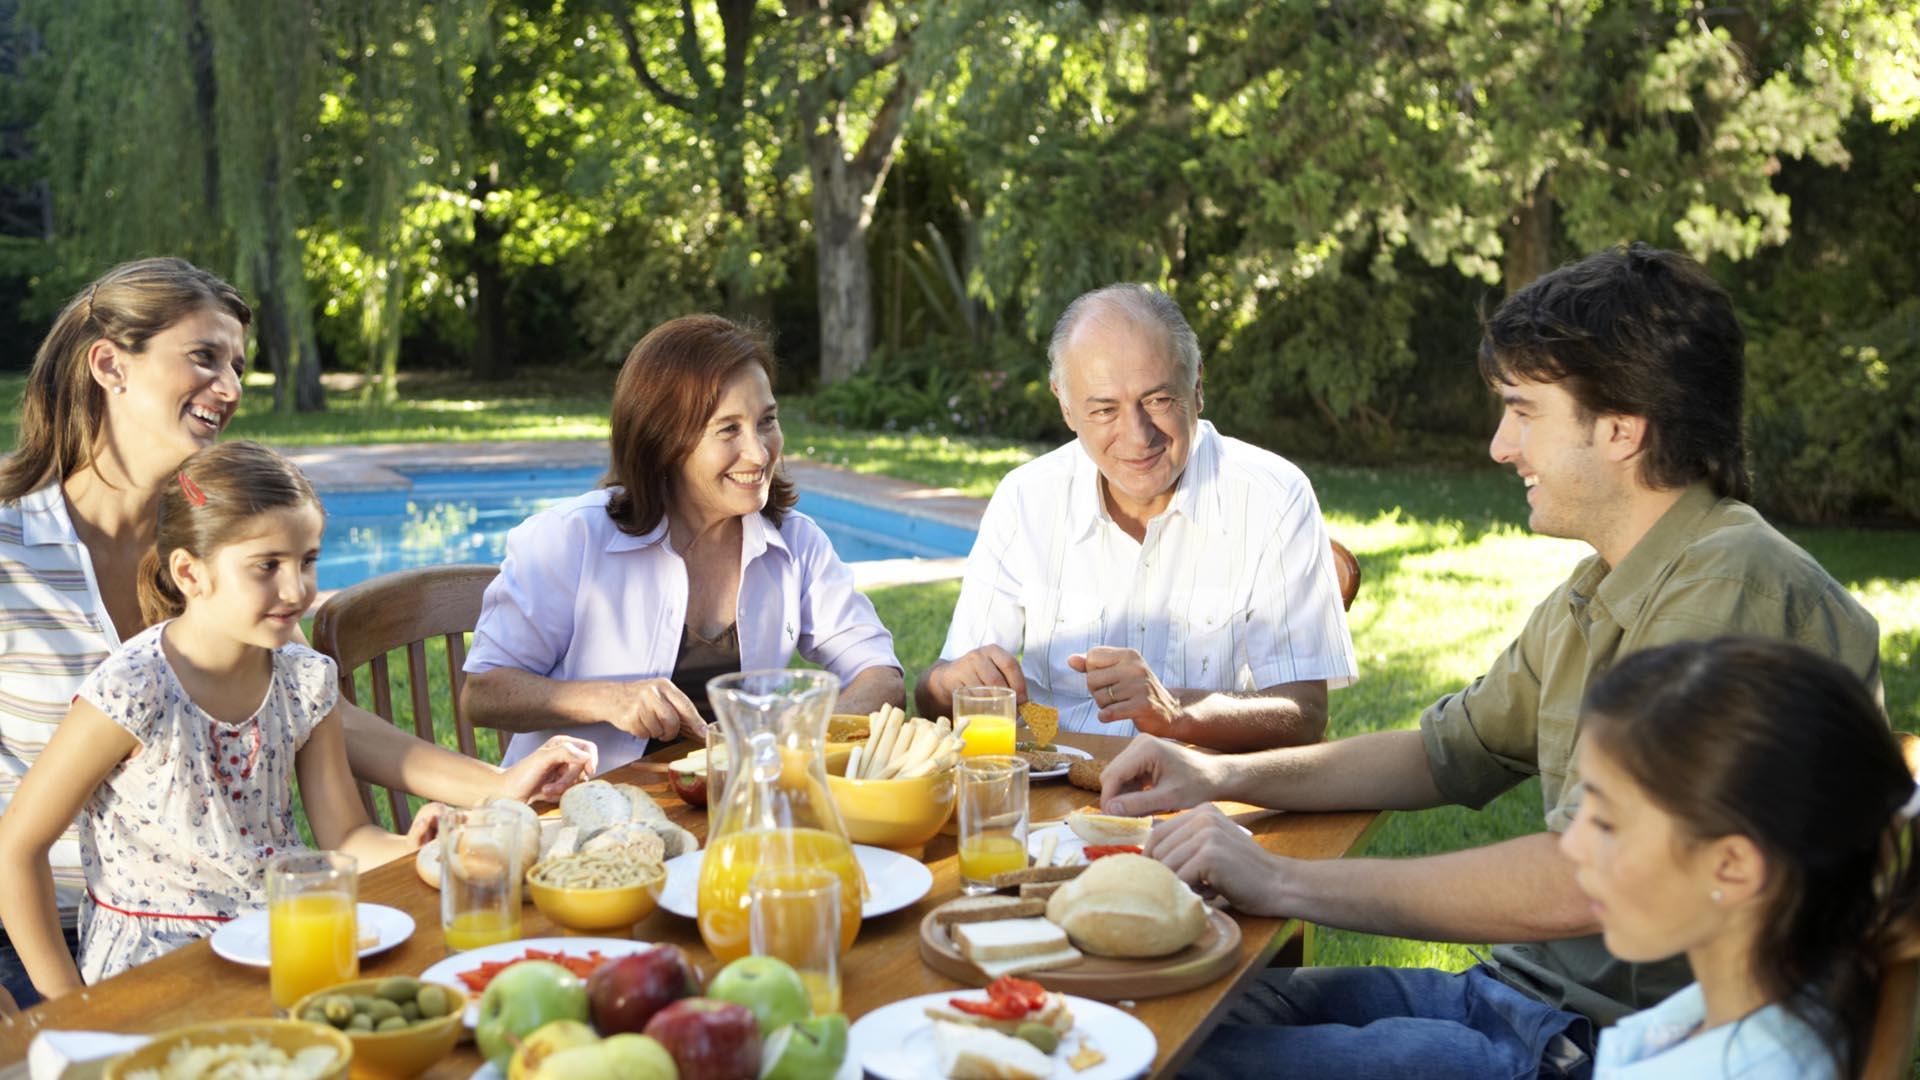 Sodexo publicó los tips alimenticios que deben considerarse dependiendo de la edad